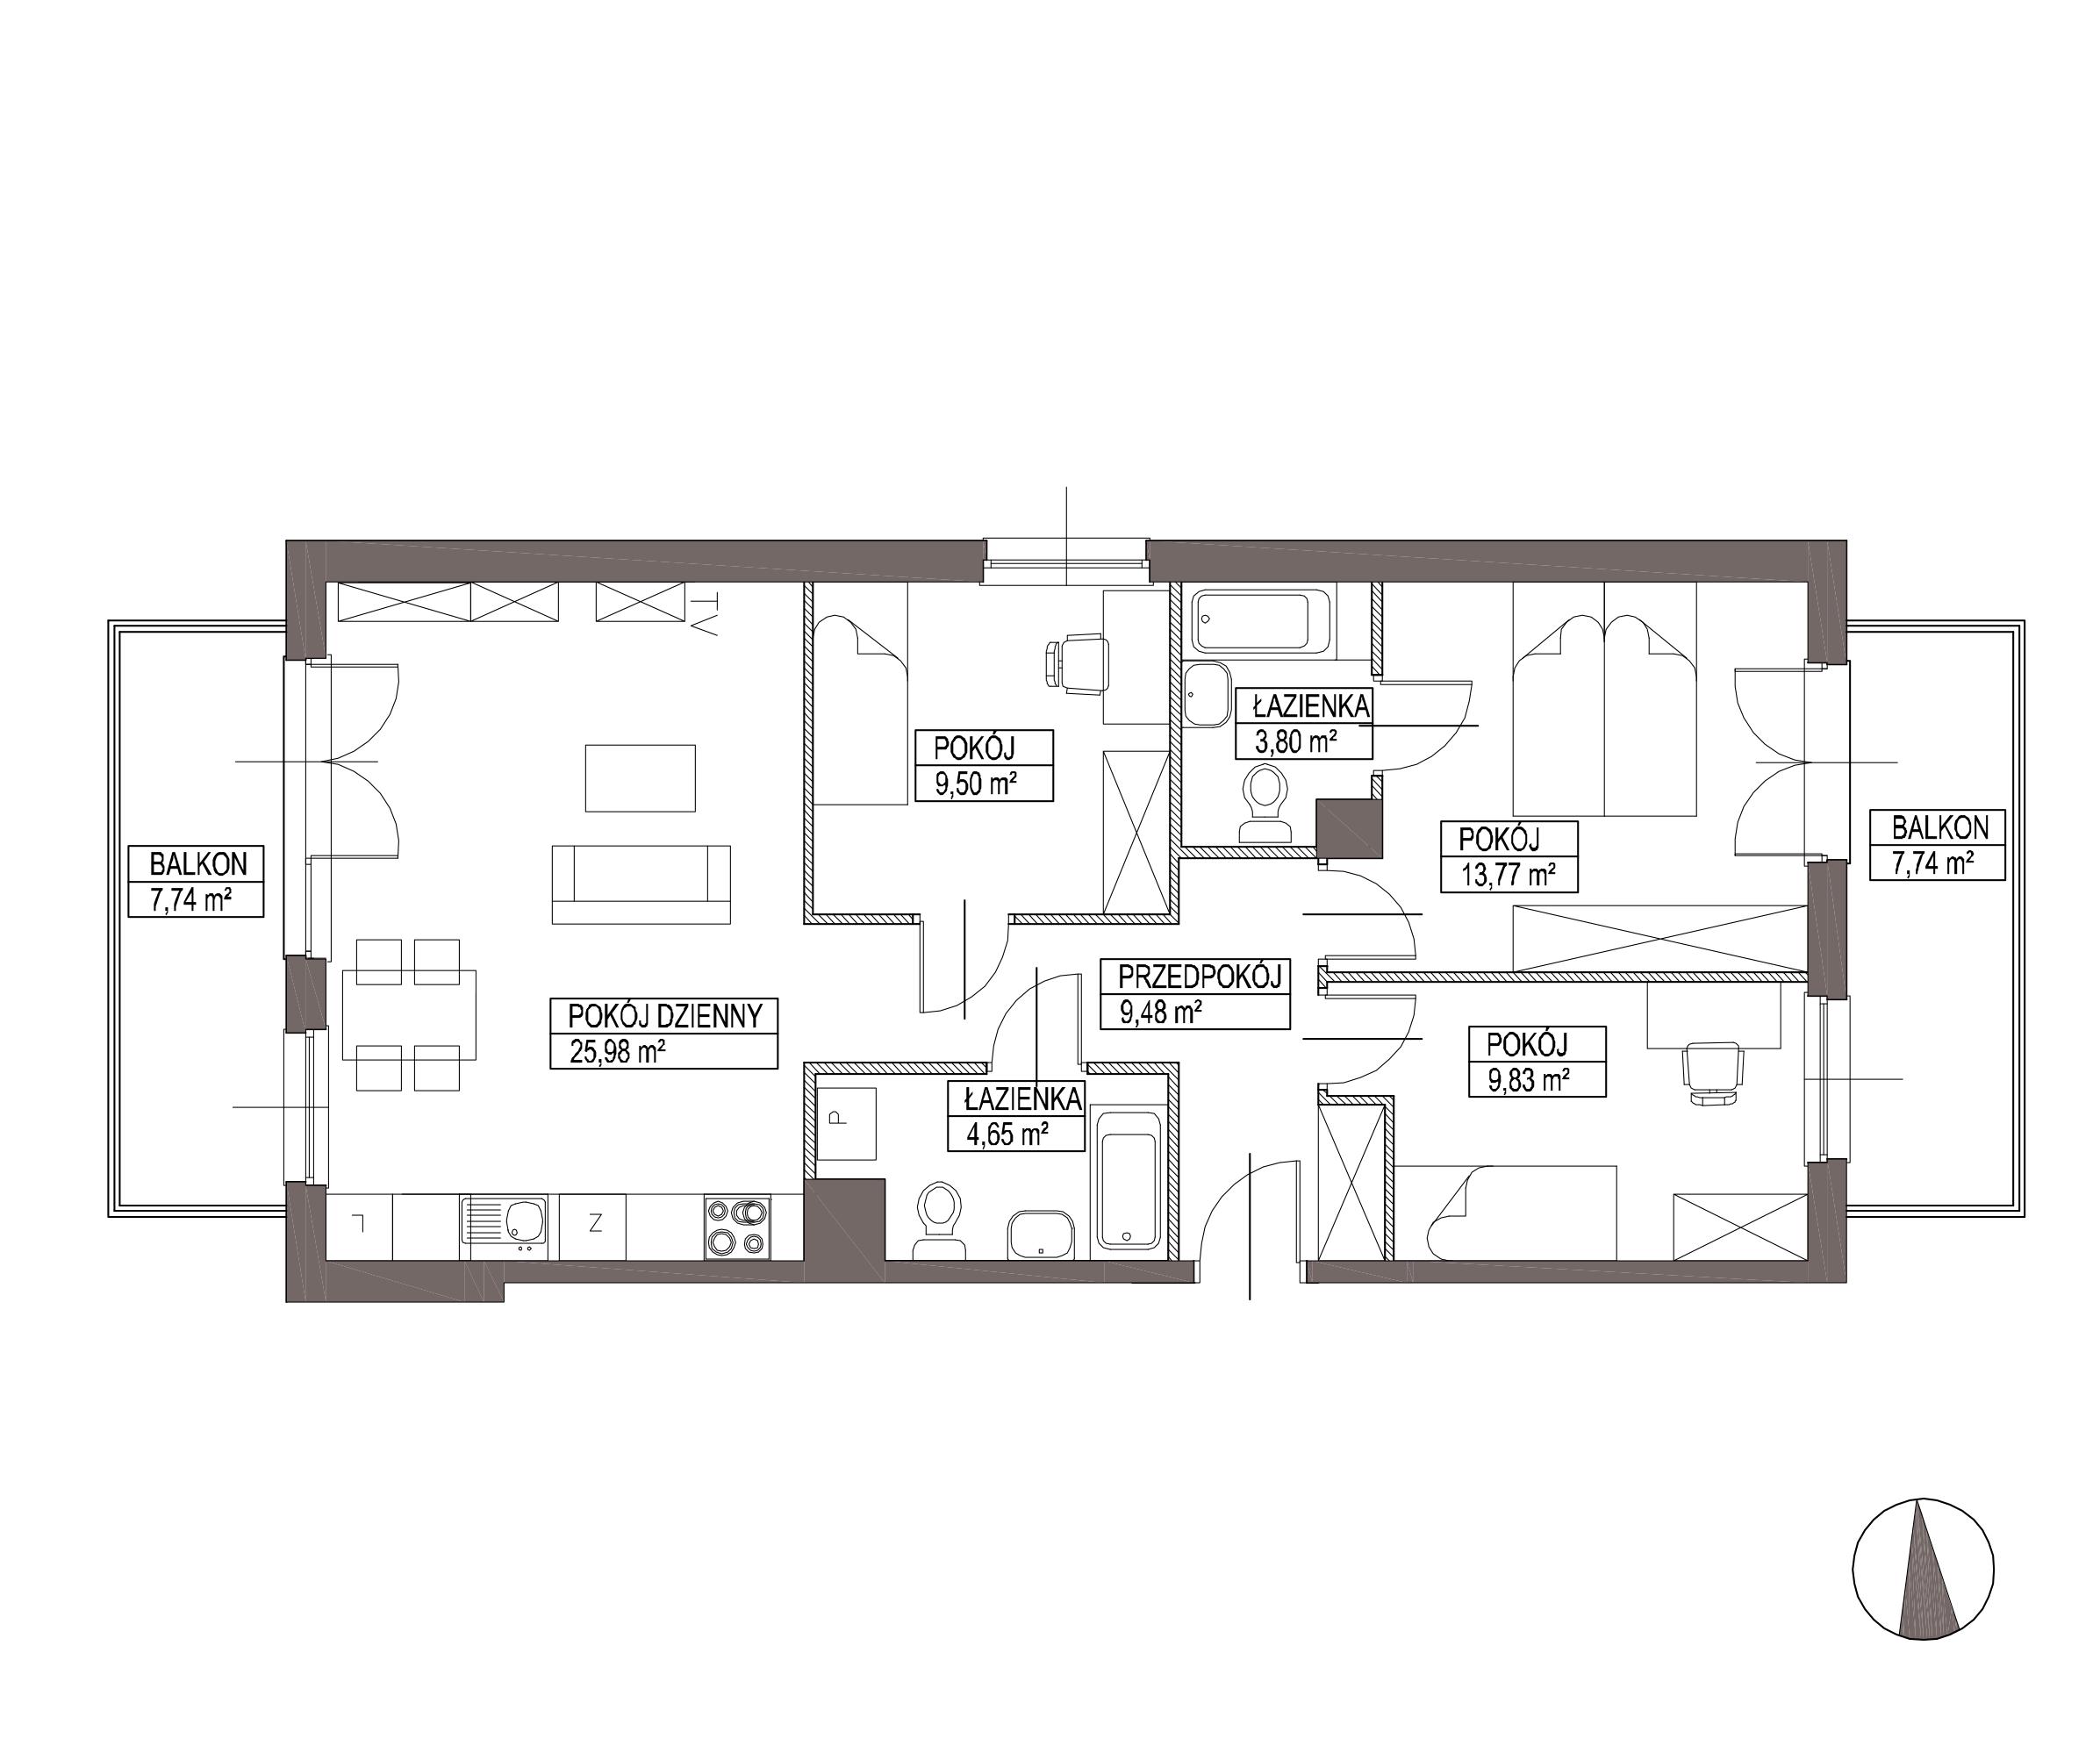 Kameralna Olszówka / budynek 1 / mieszkanie KO/B/3/4 rzut 1